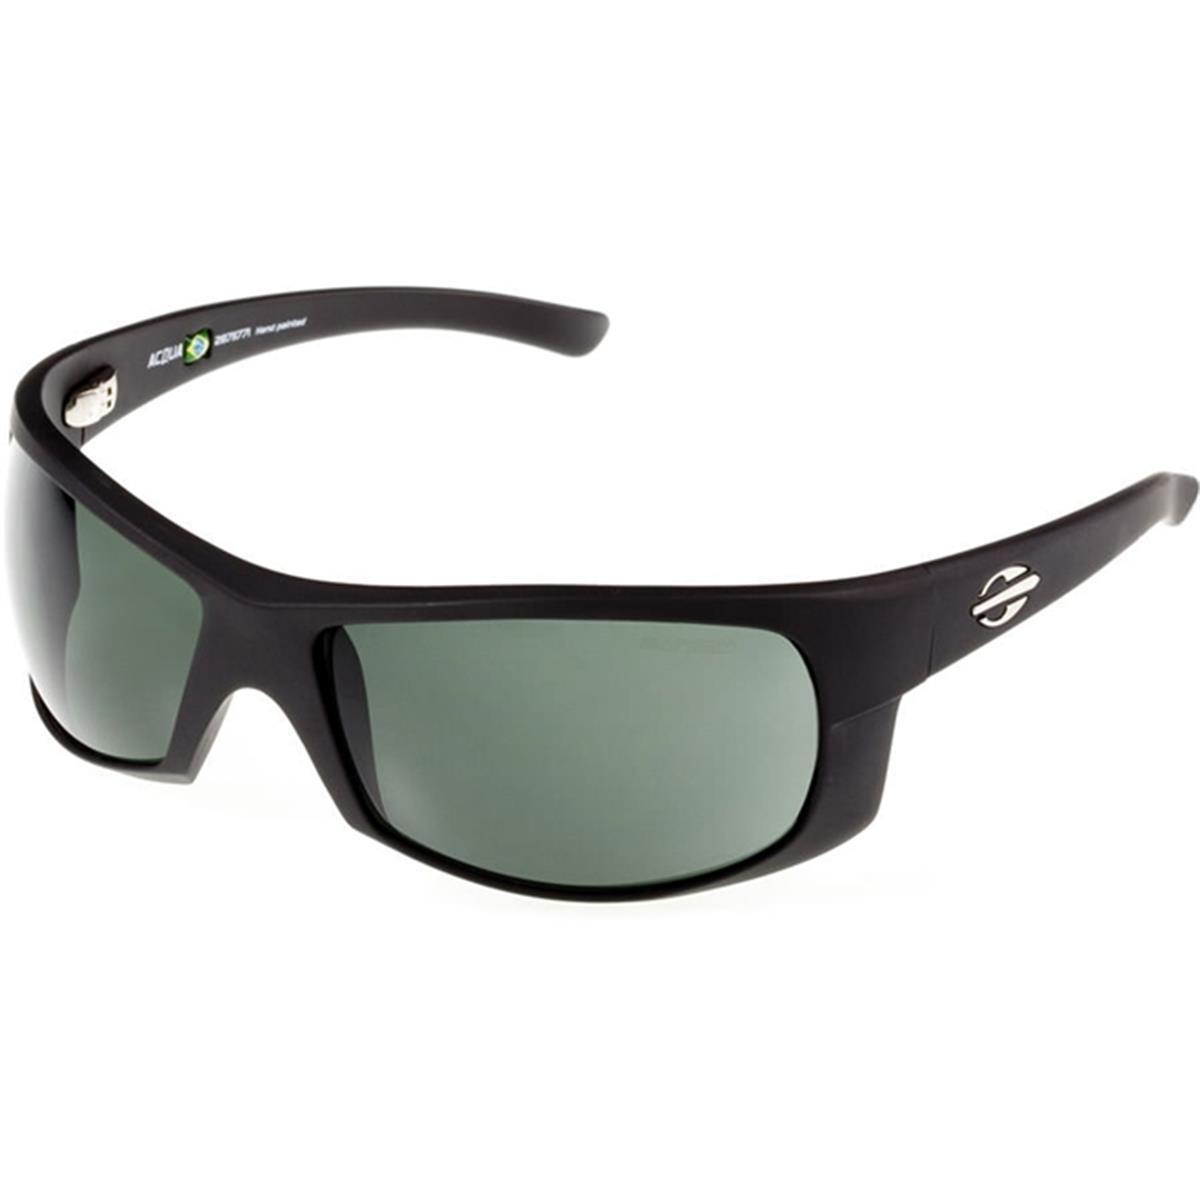 52d723010fced Óculos de Sol Preto Fosco Lente Verde ACQUA Mormaii